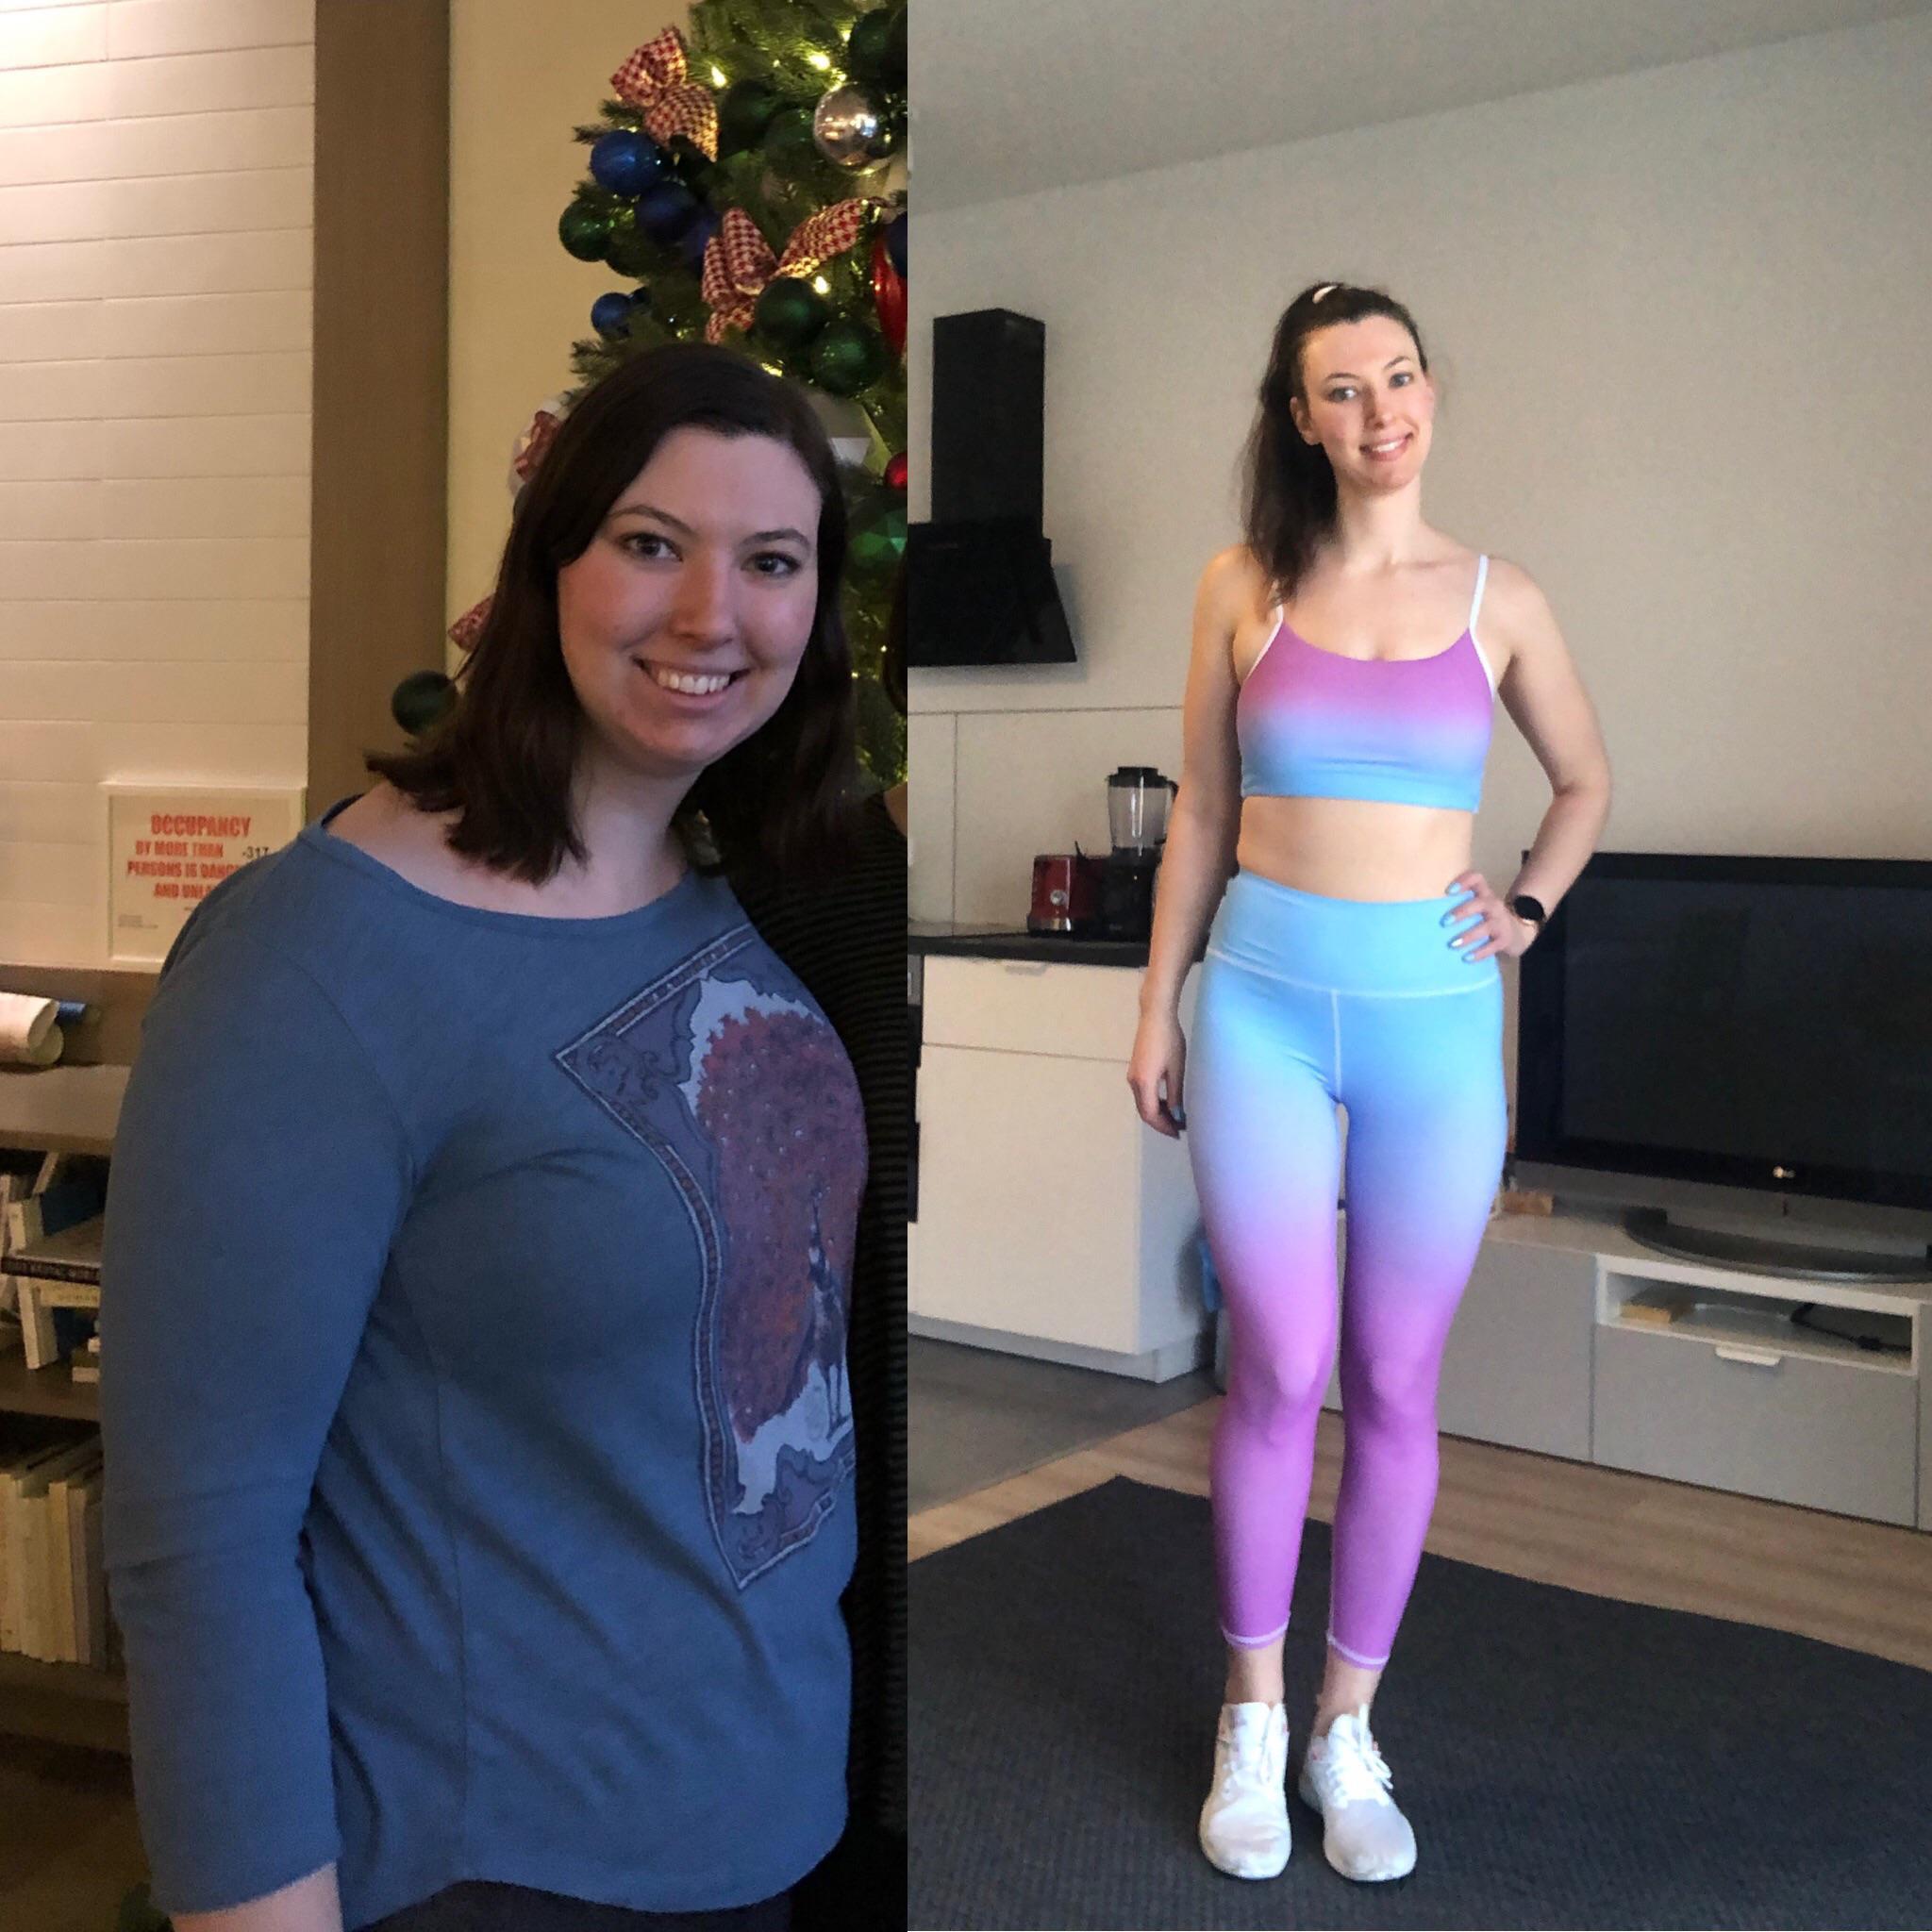 Progress Pics of 47 lbs Fat Loss 5 feet 10 Female 200 lbs to 153 lbs